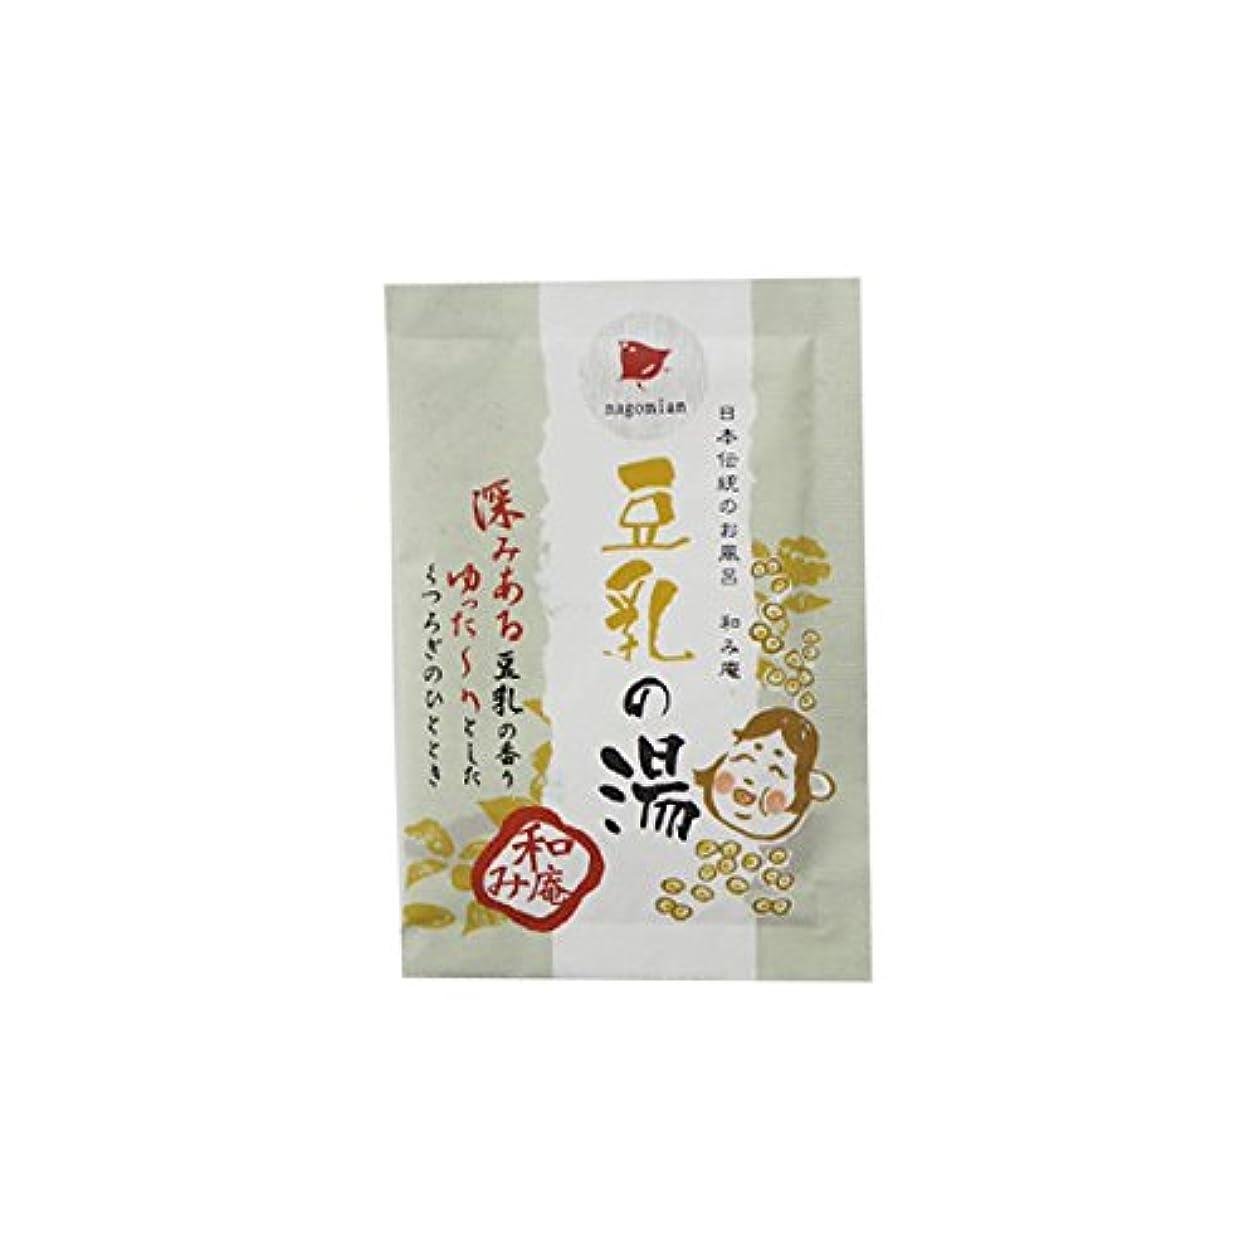 インフルエンザ店主ハーフ和み庵 入浴剤 「豆乳の湯」30個